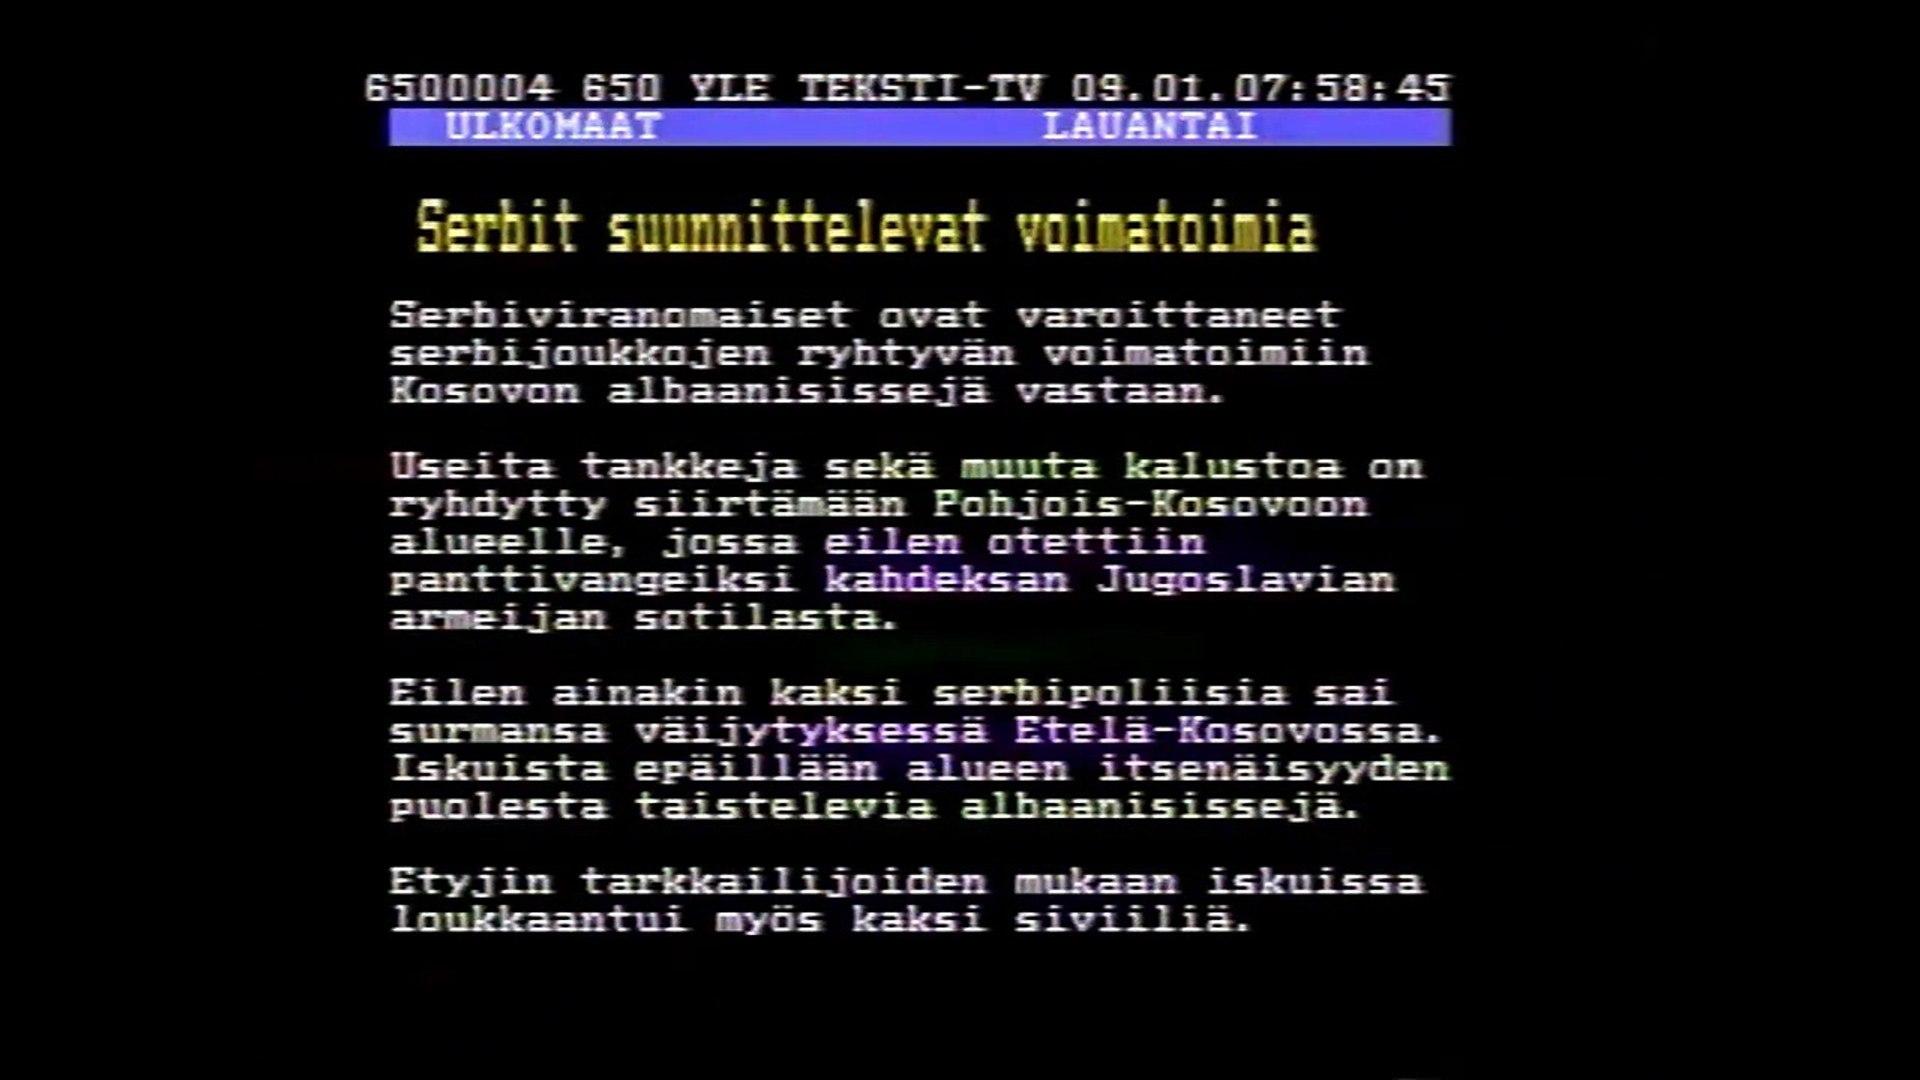 Yle Tekstitv 235